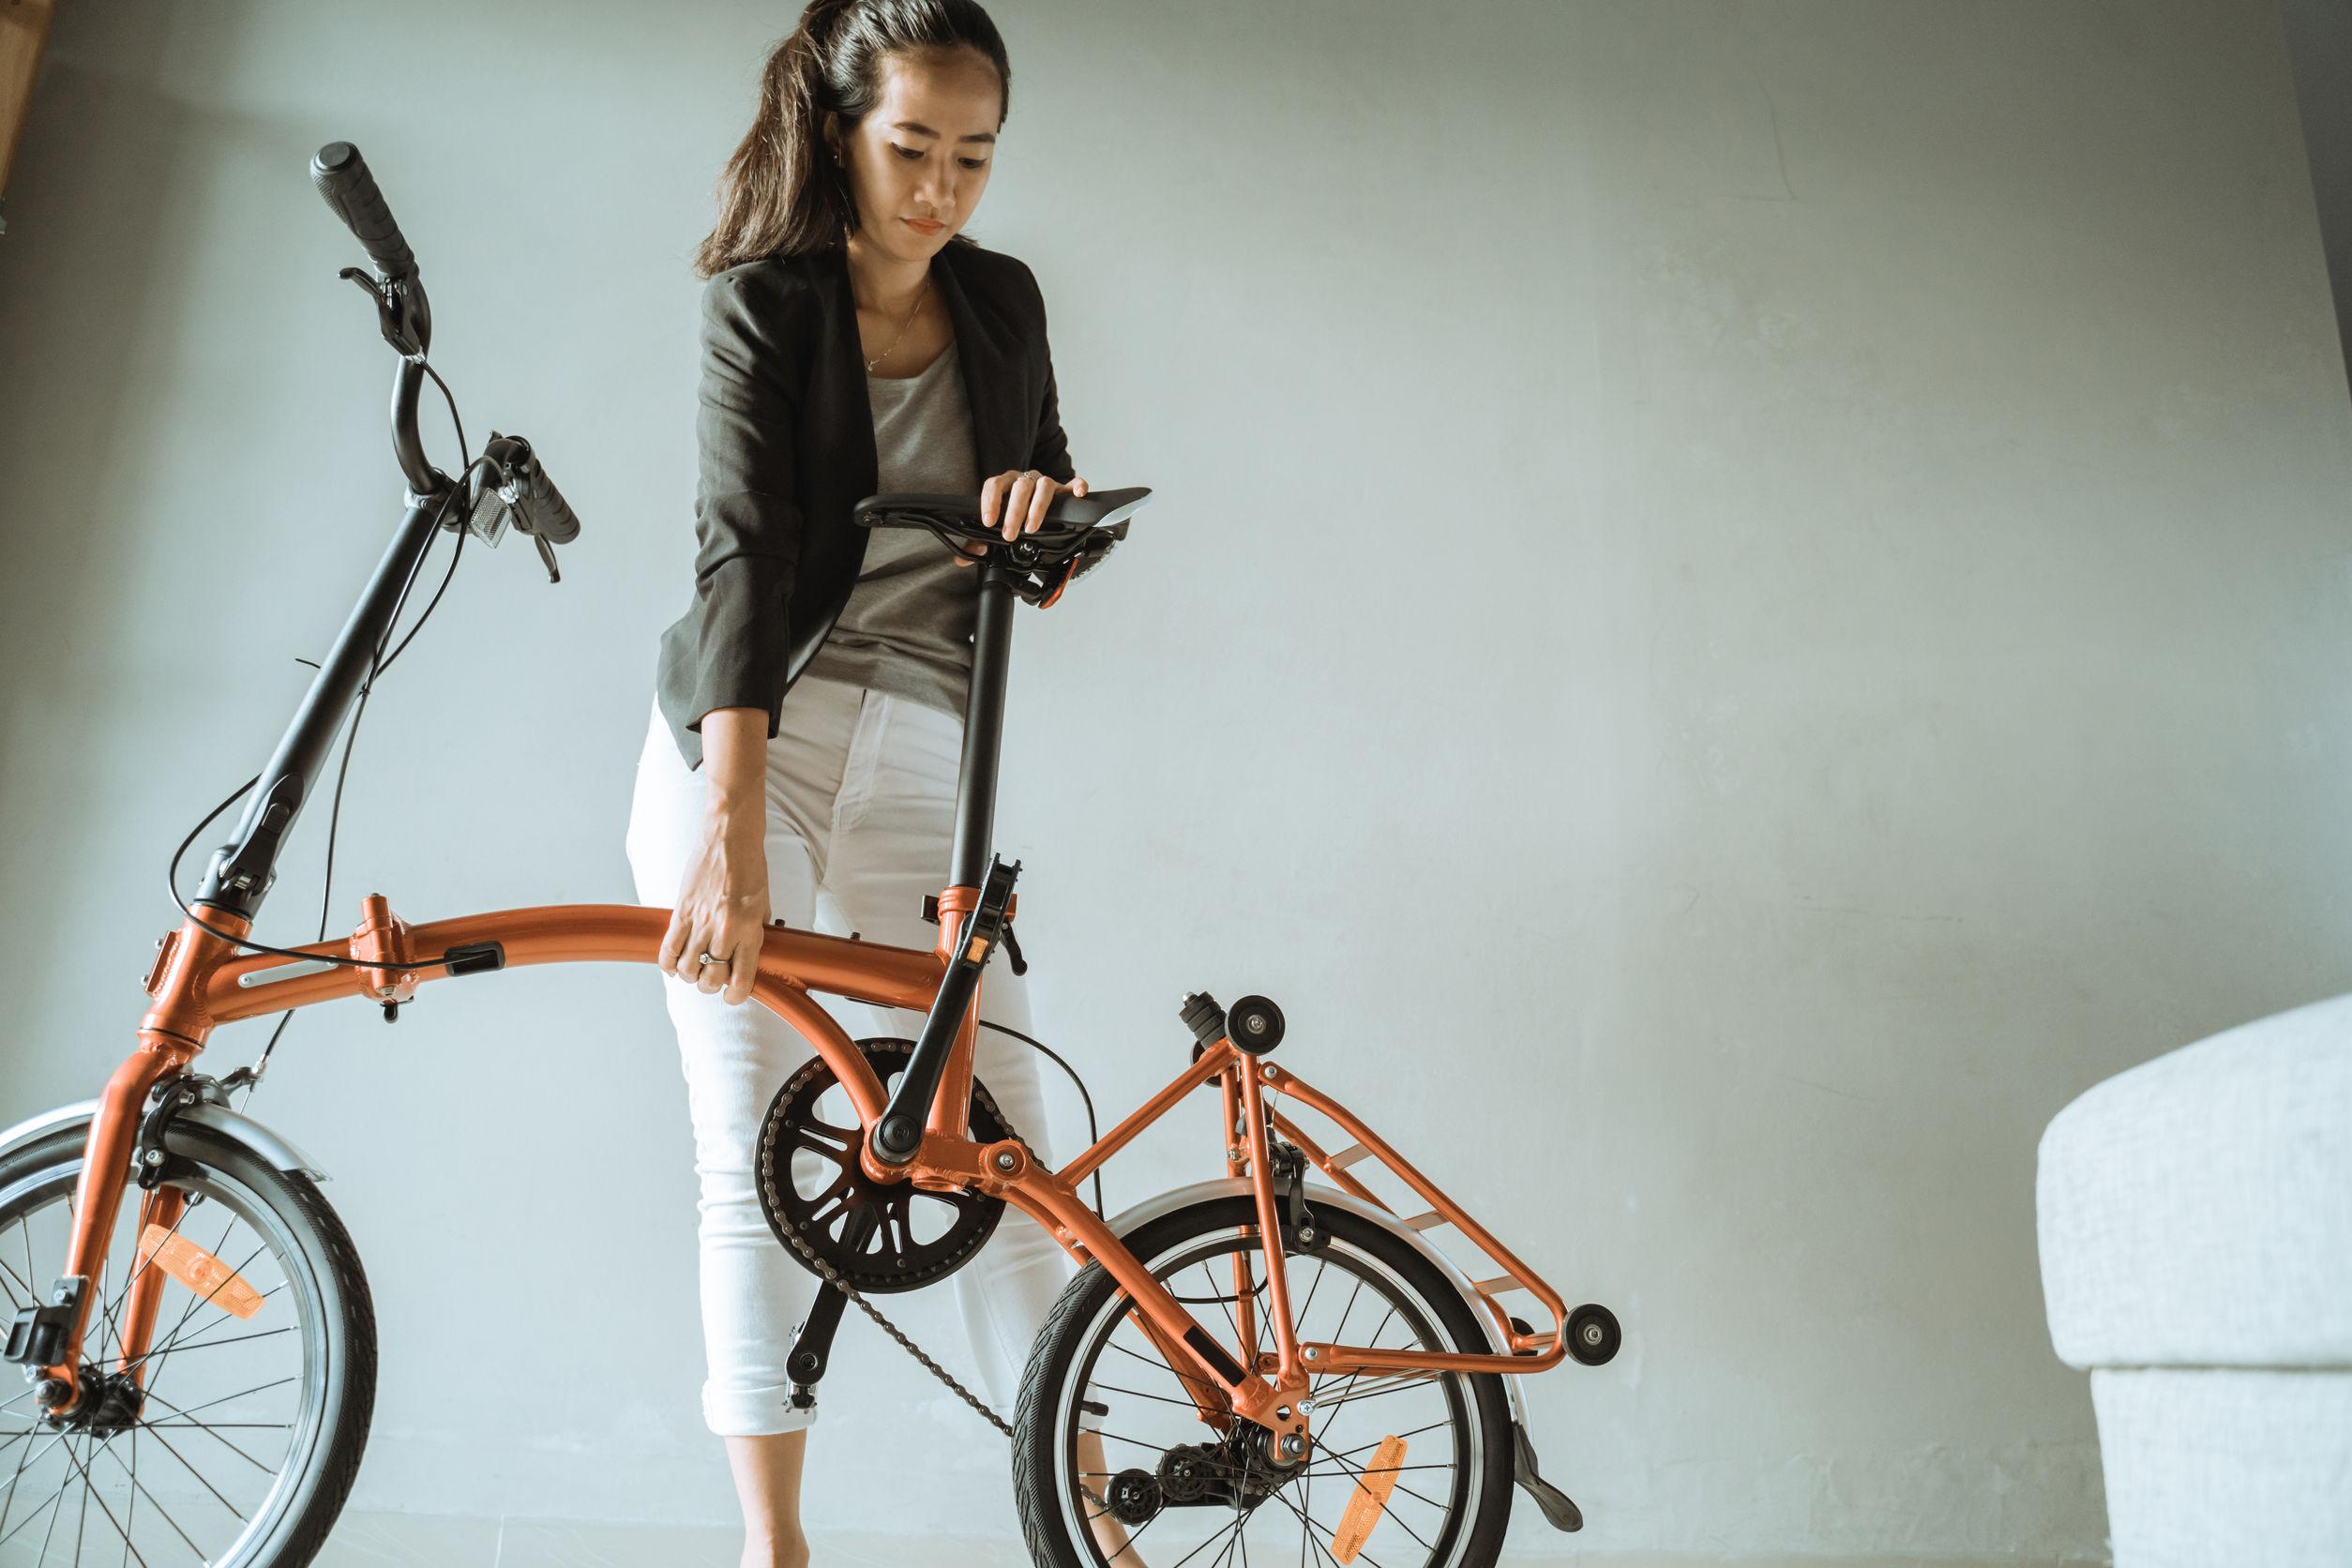 E-Bike Klapprad: Test & Empfehlungen (05/21)